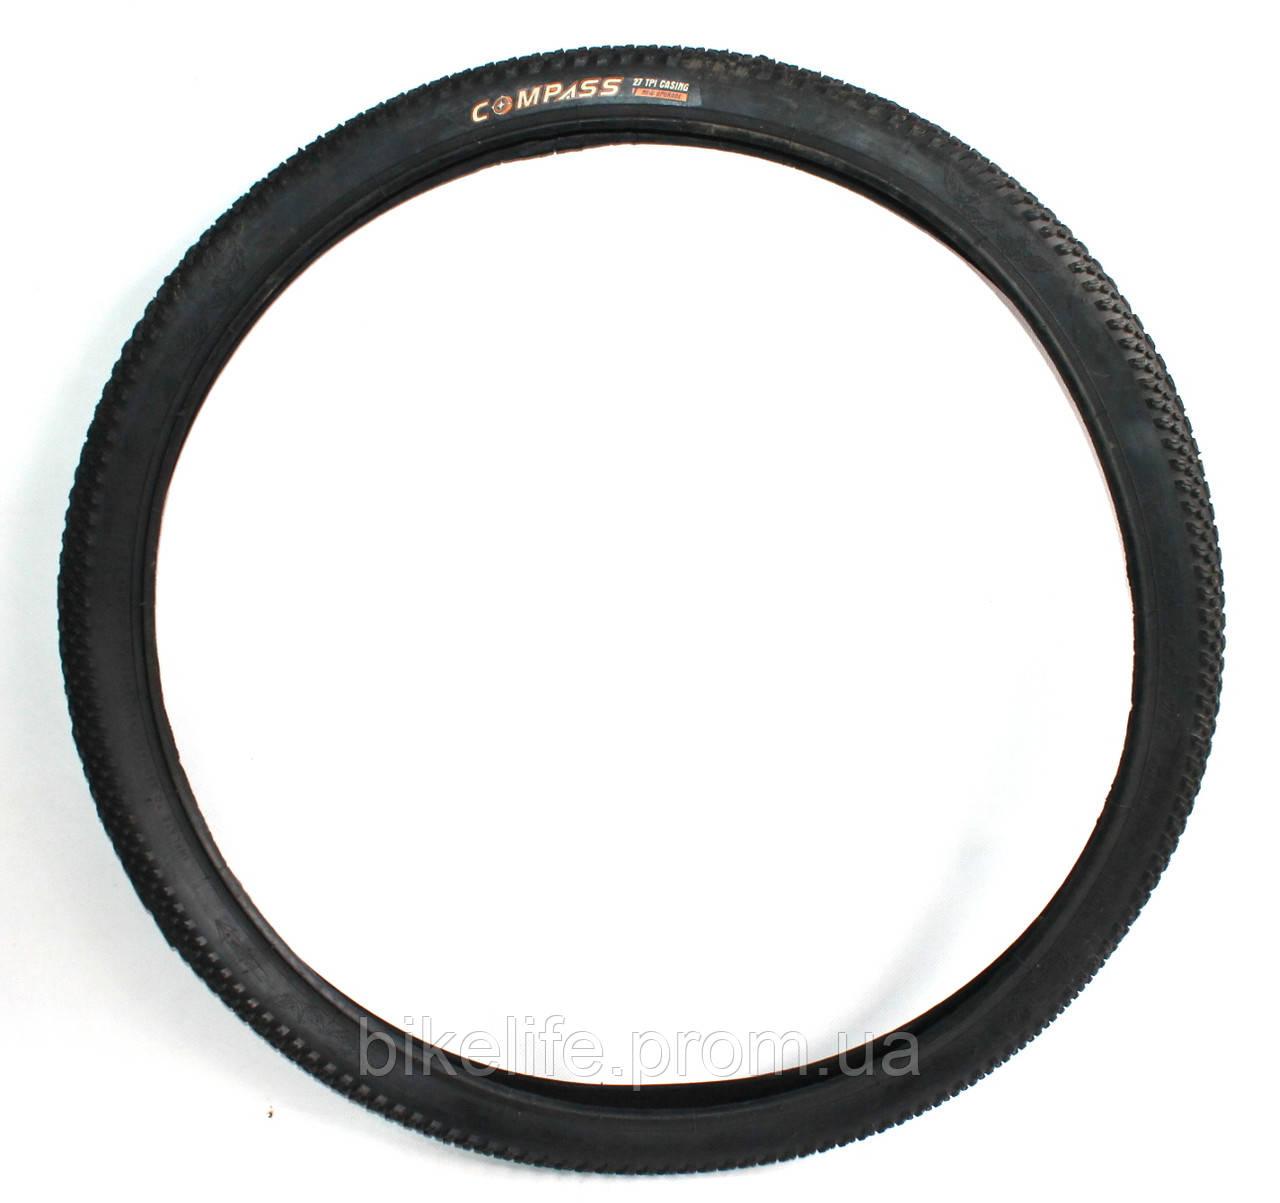 Вело-покрышка (шина) WANDA 26*1.75